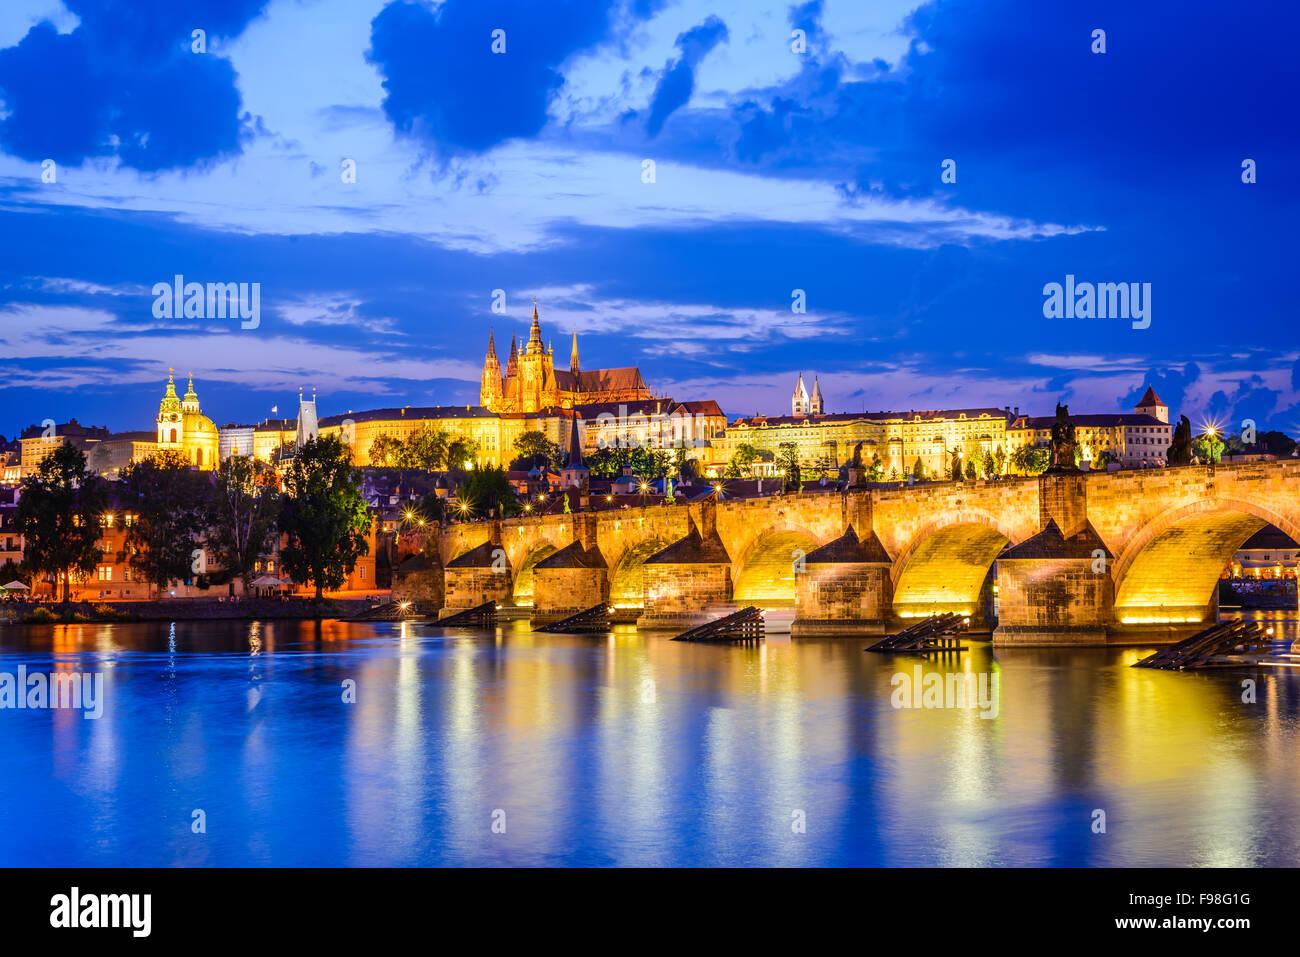 Prag, Tschechische Republik. Karlsbrücke und Hradschin (Prager Burg) mit St. Vitus Cathedral und St. George Stockbild